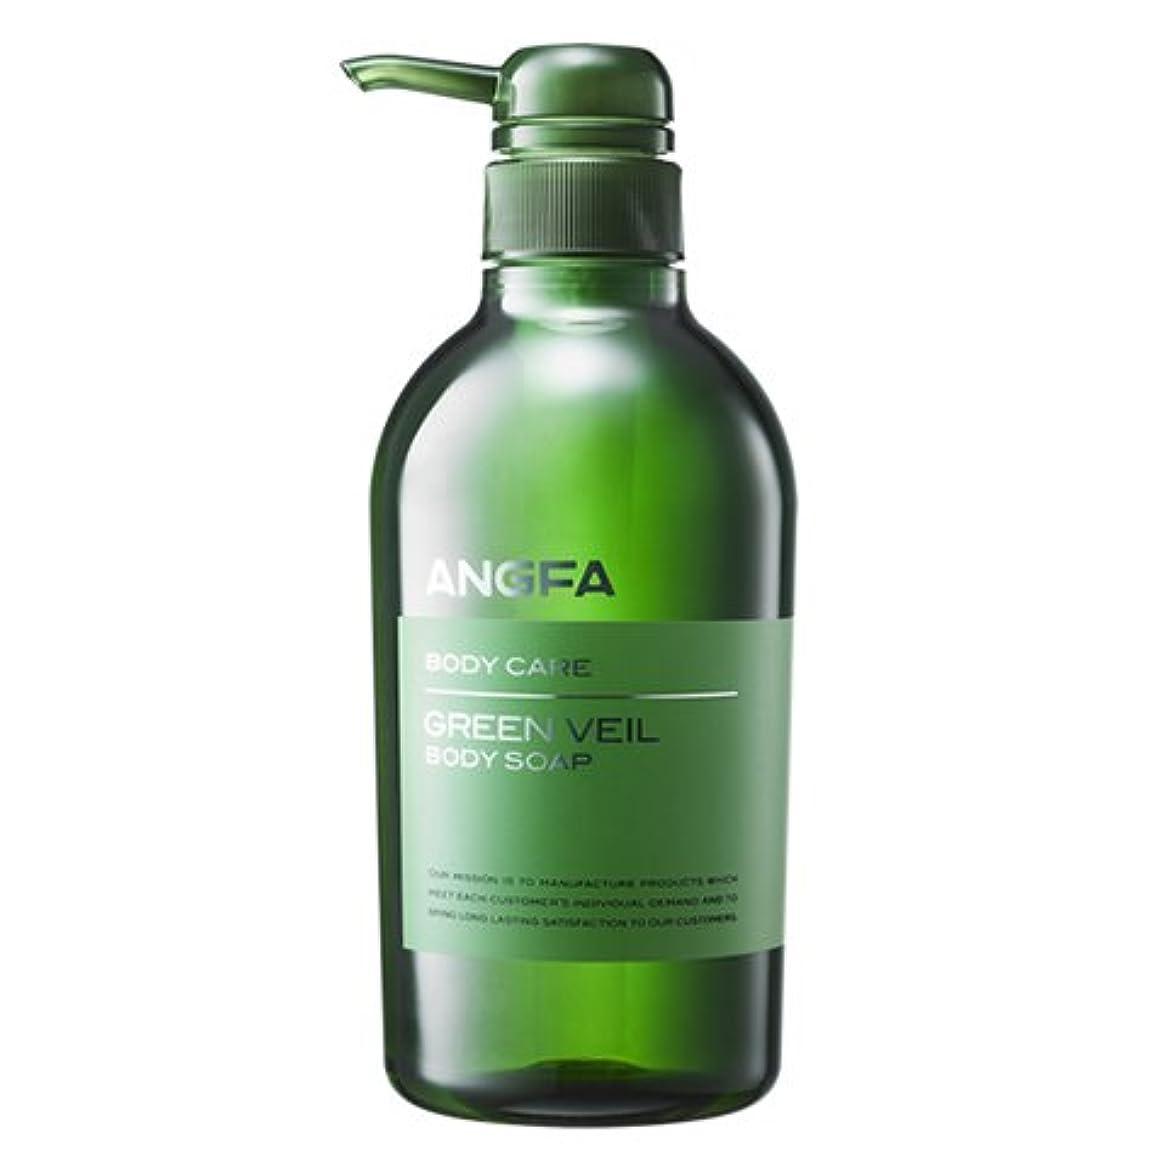 楕円形ヒップ抽象化アンファー (ANGFA) グリーンベール 薬用ボディソープ 500ml グリーンフローラル [乾燥?保湿] かゆみ肌